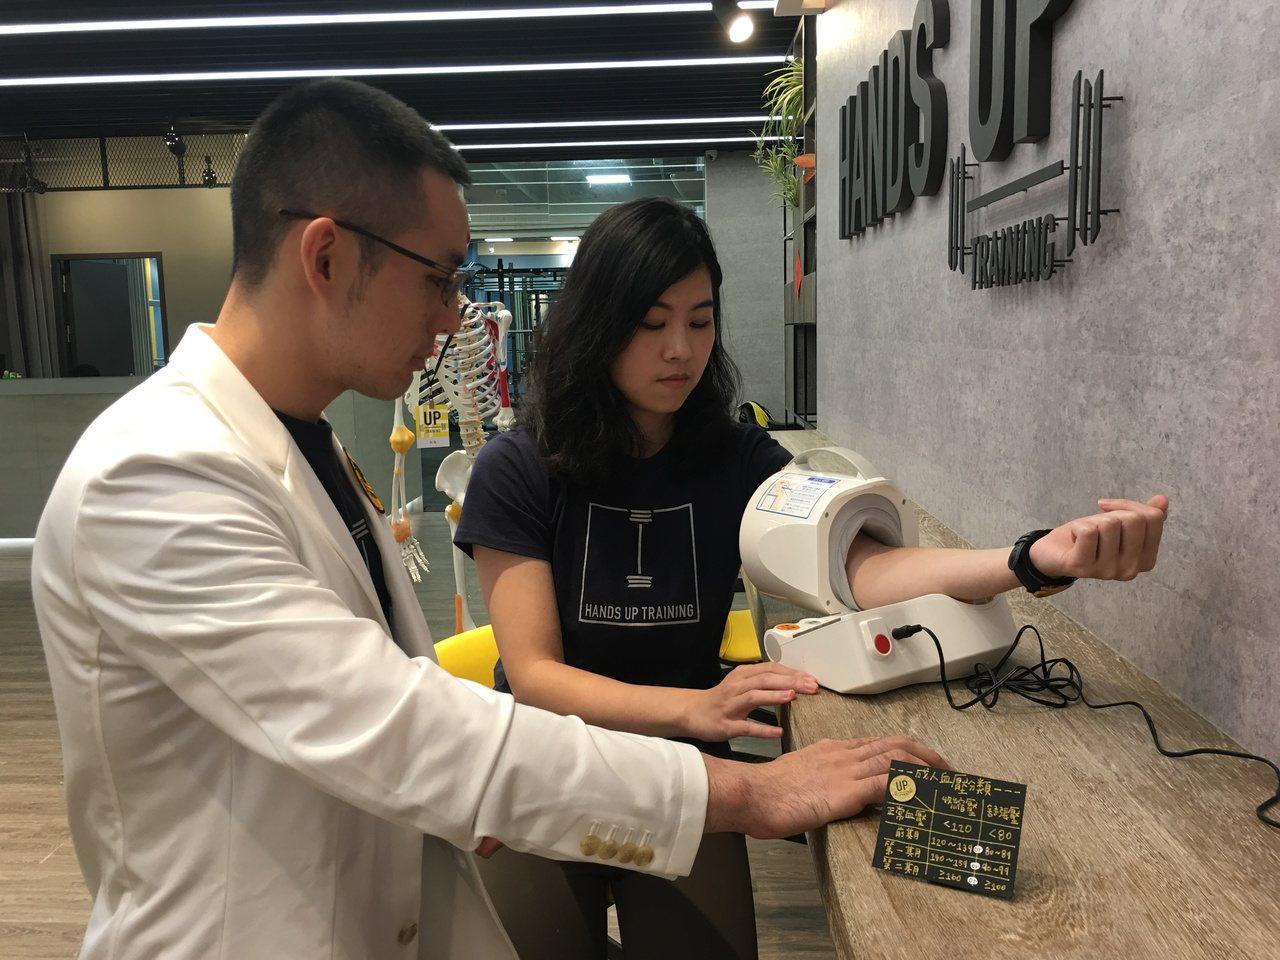 骨科醫師陳彥志與朋友在台中市合資開設「悍草訓練」健身房,歡迎骨科術後、慢性病人及...